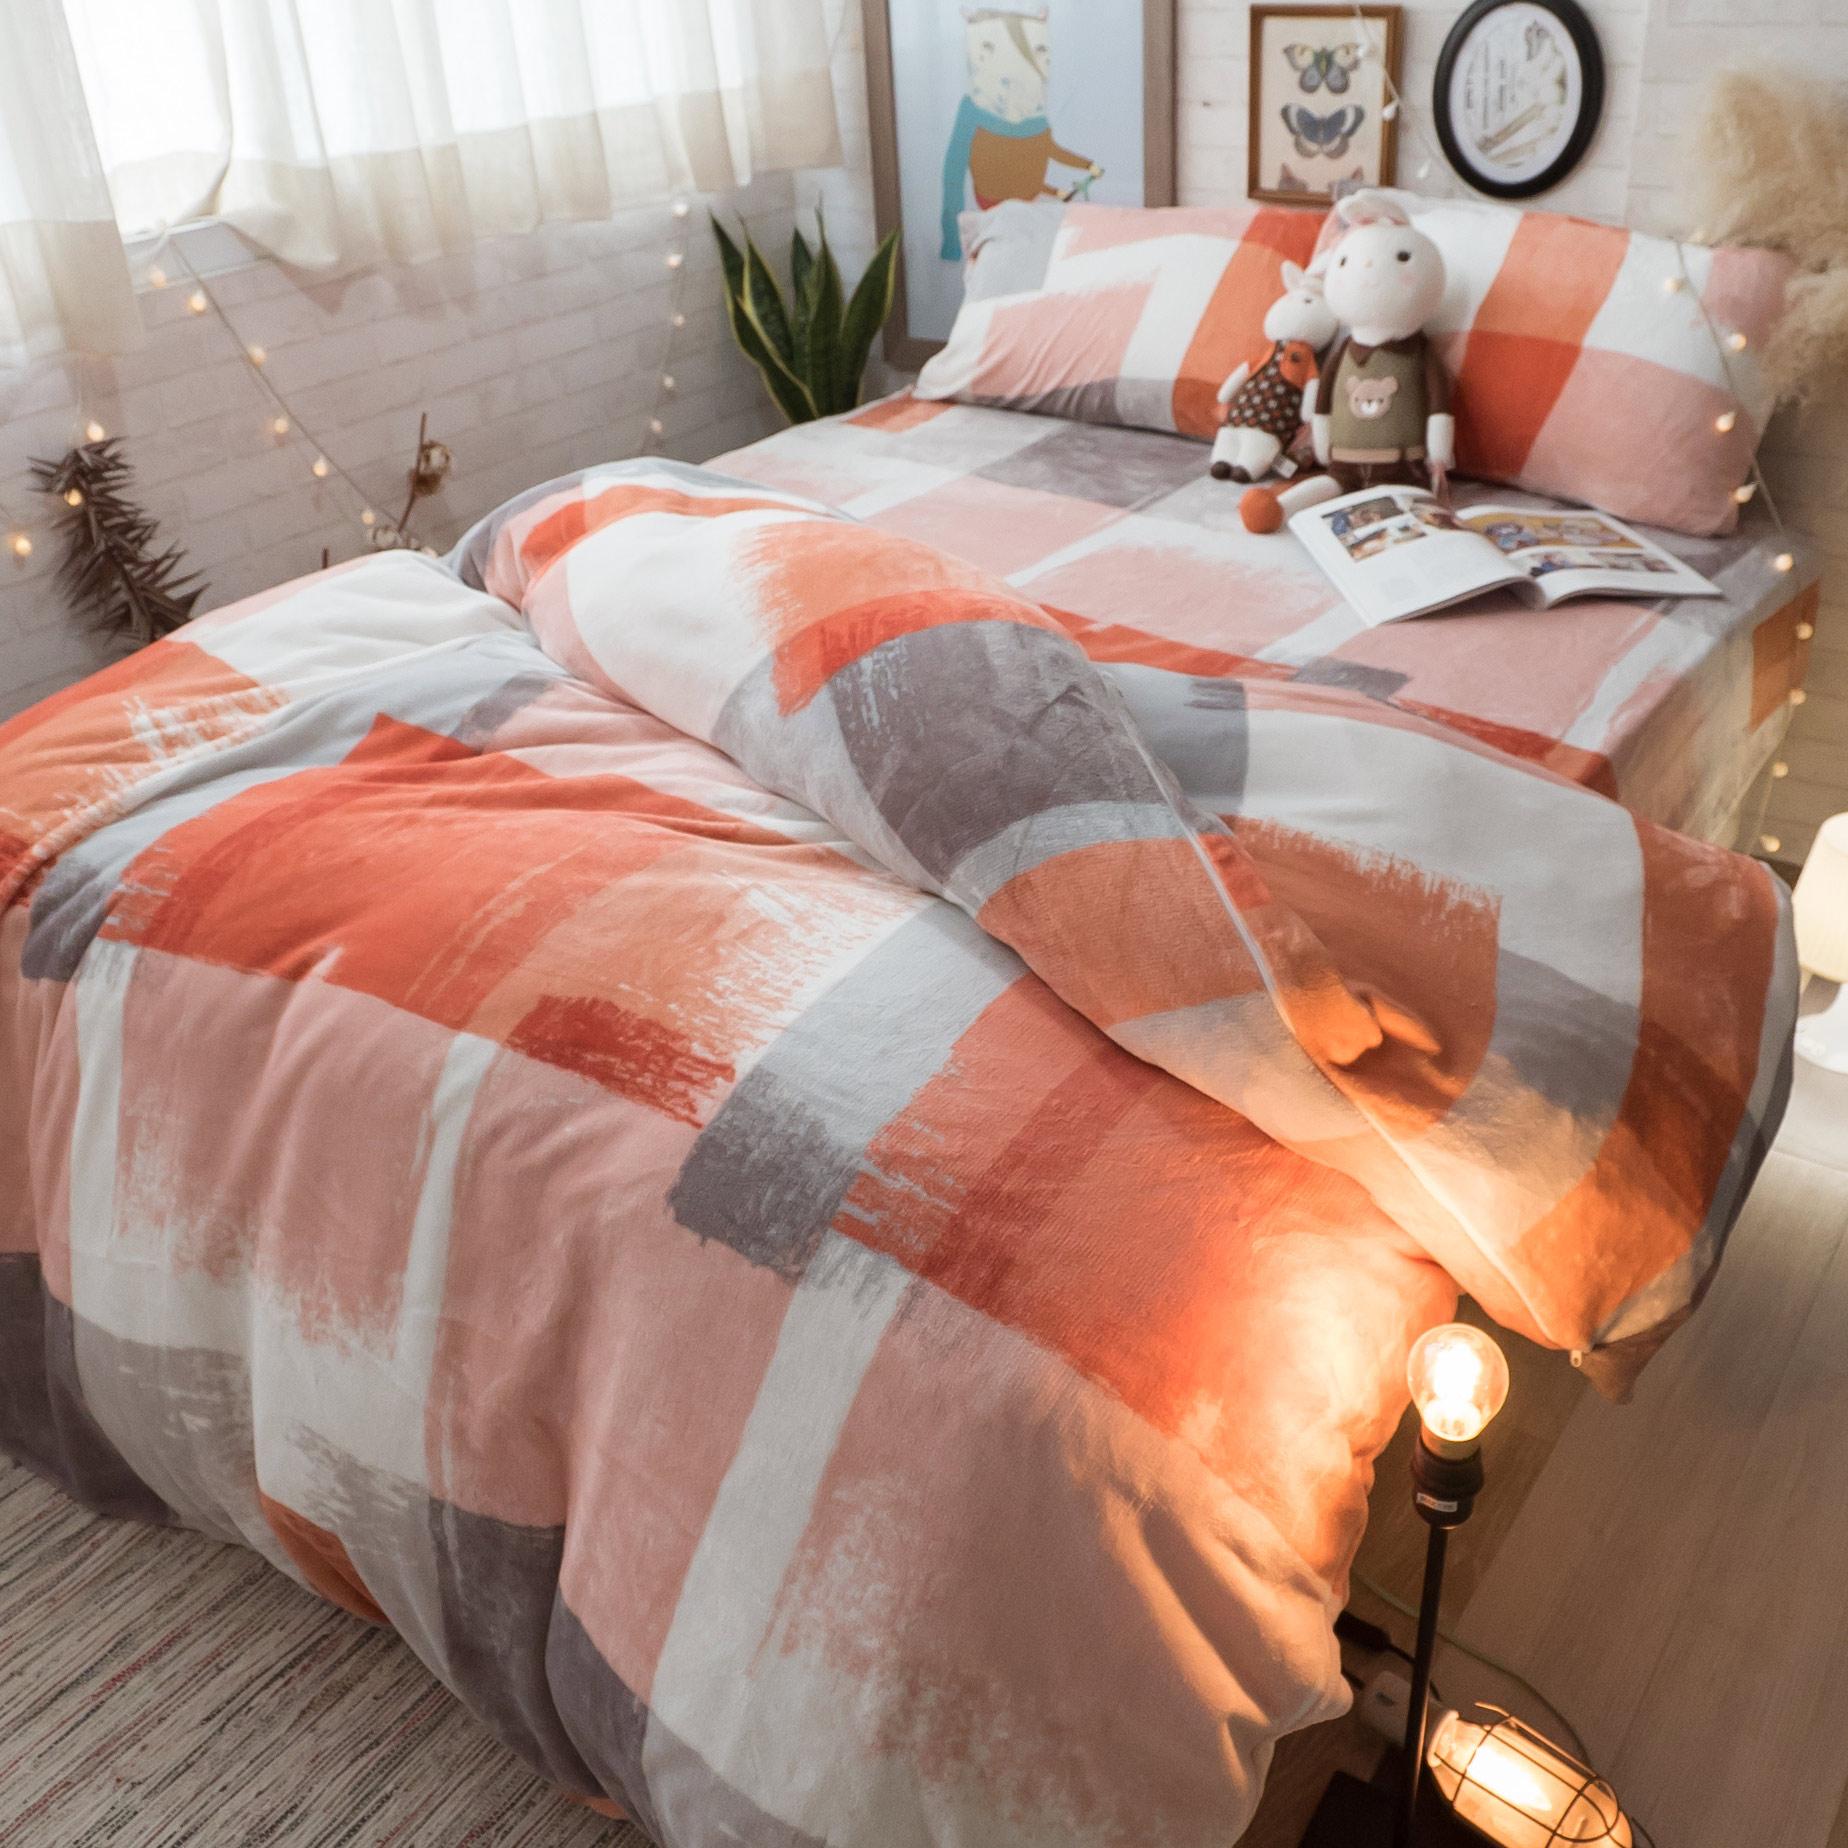 迷霧霓虹 法蘭絨床包兩用毯組(文藝系) 雙人/加大可選 溫暖舒適 【棉床本舖】